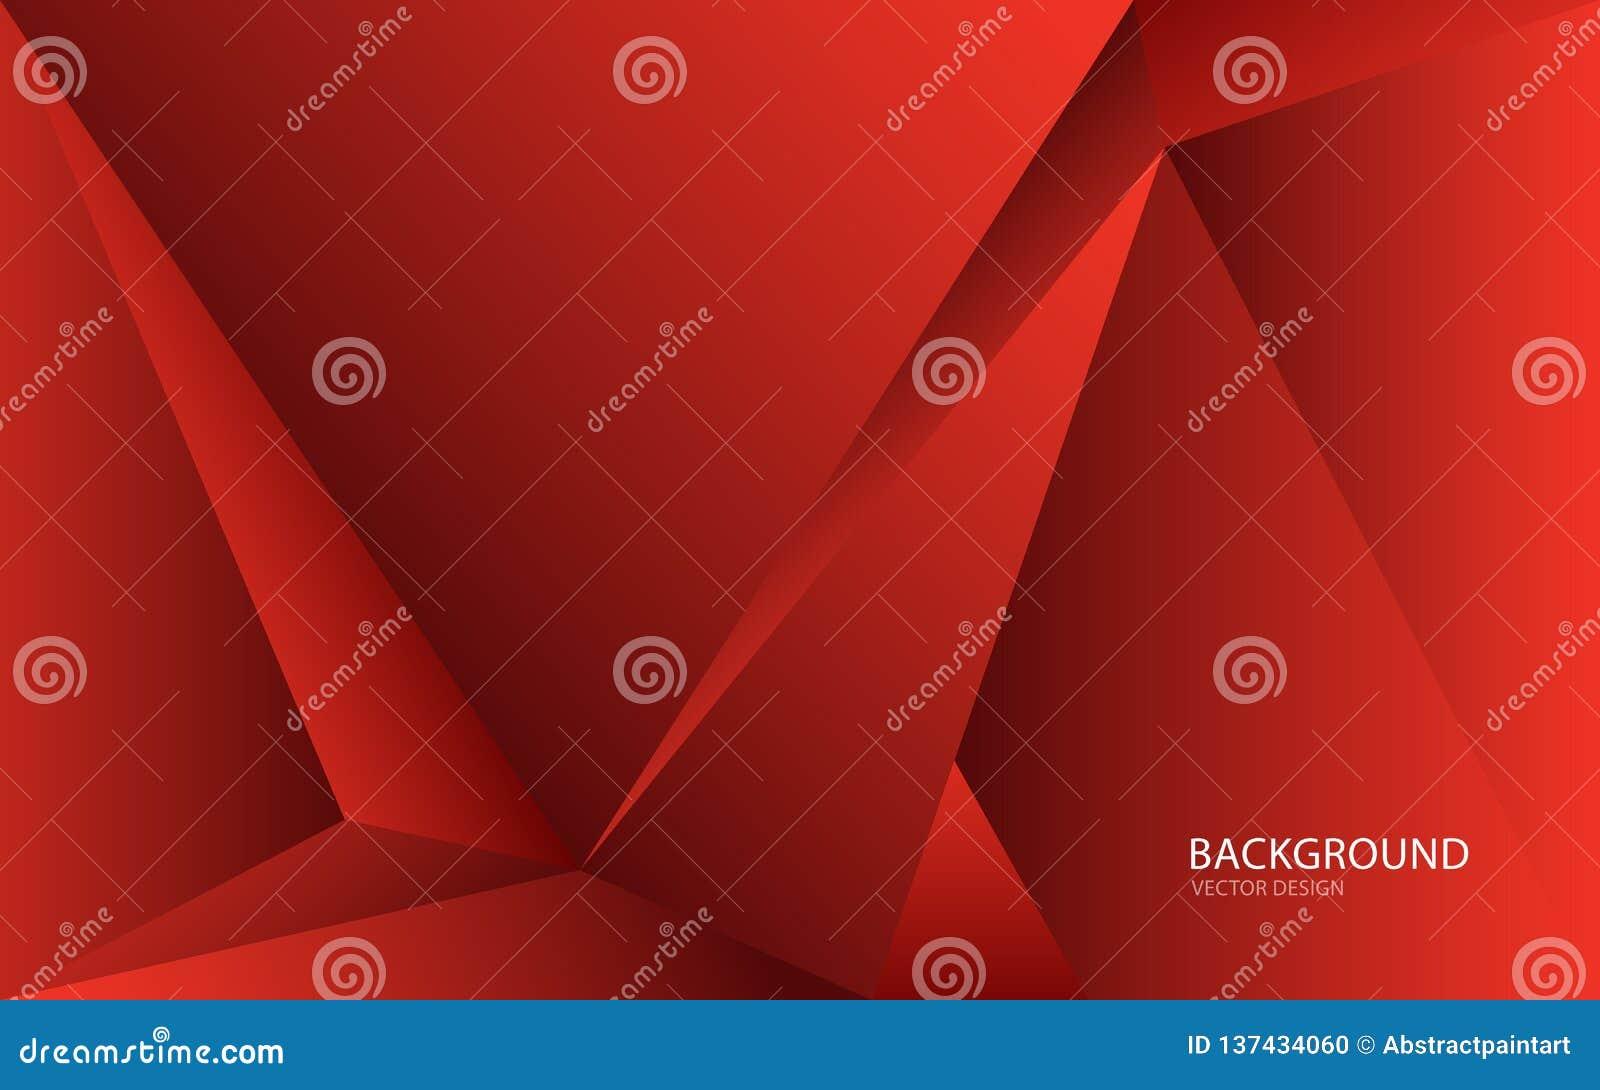 Rote abstrakte Hintergrundvektorillustration wand Abbildung im Vektor abdeckung karte Beschaffenheit tapete Flieger